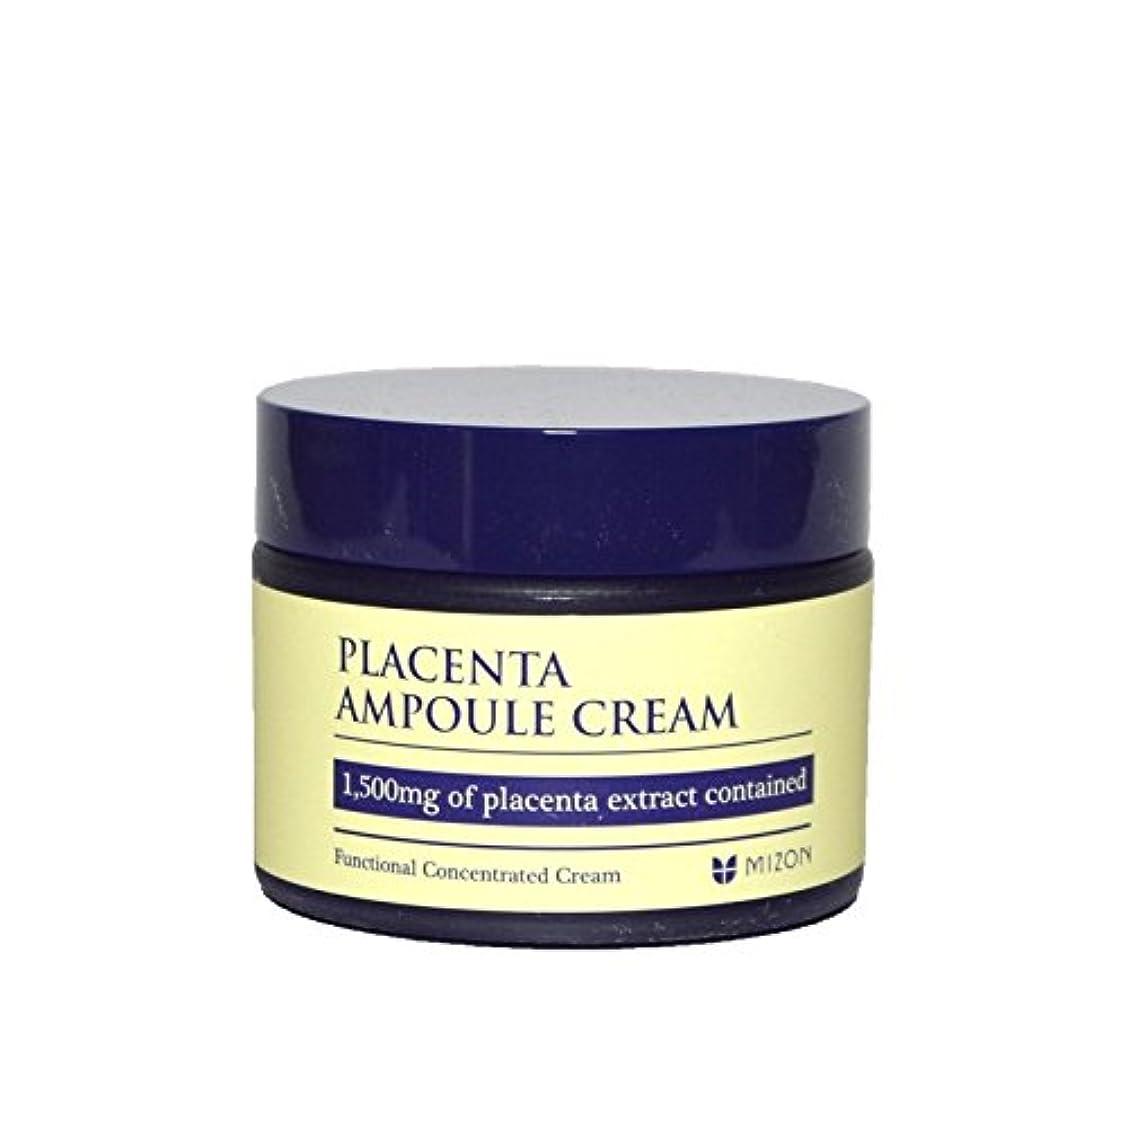 利用可能世界的に音声学胎盤アンプルクリーム x2 - Mizon Placenta Ampoule Cream (Pack of 2) [並行輸入品]